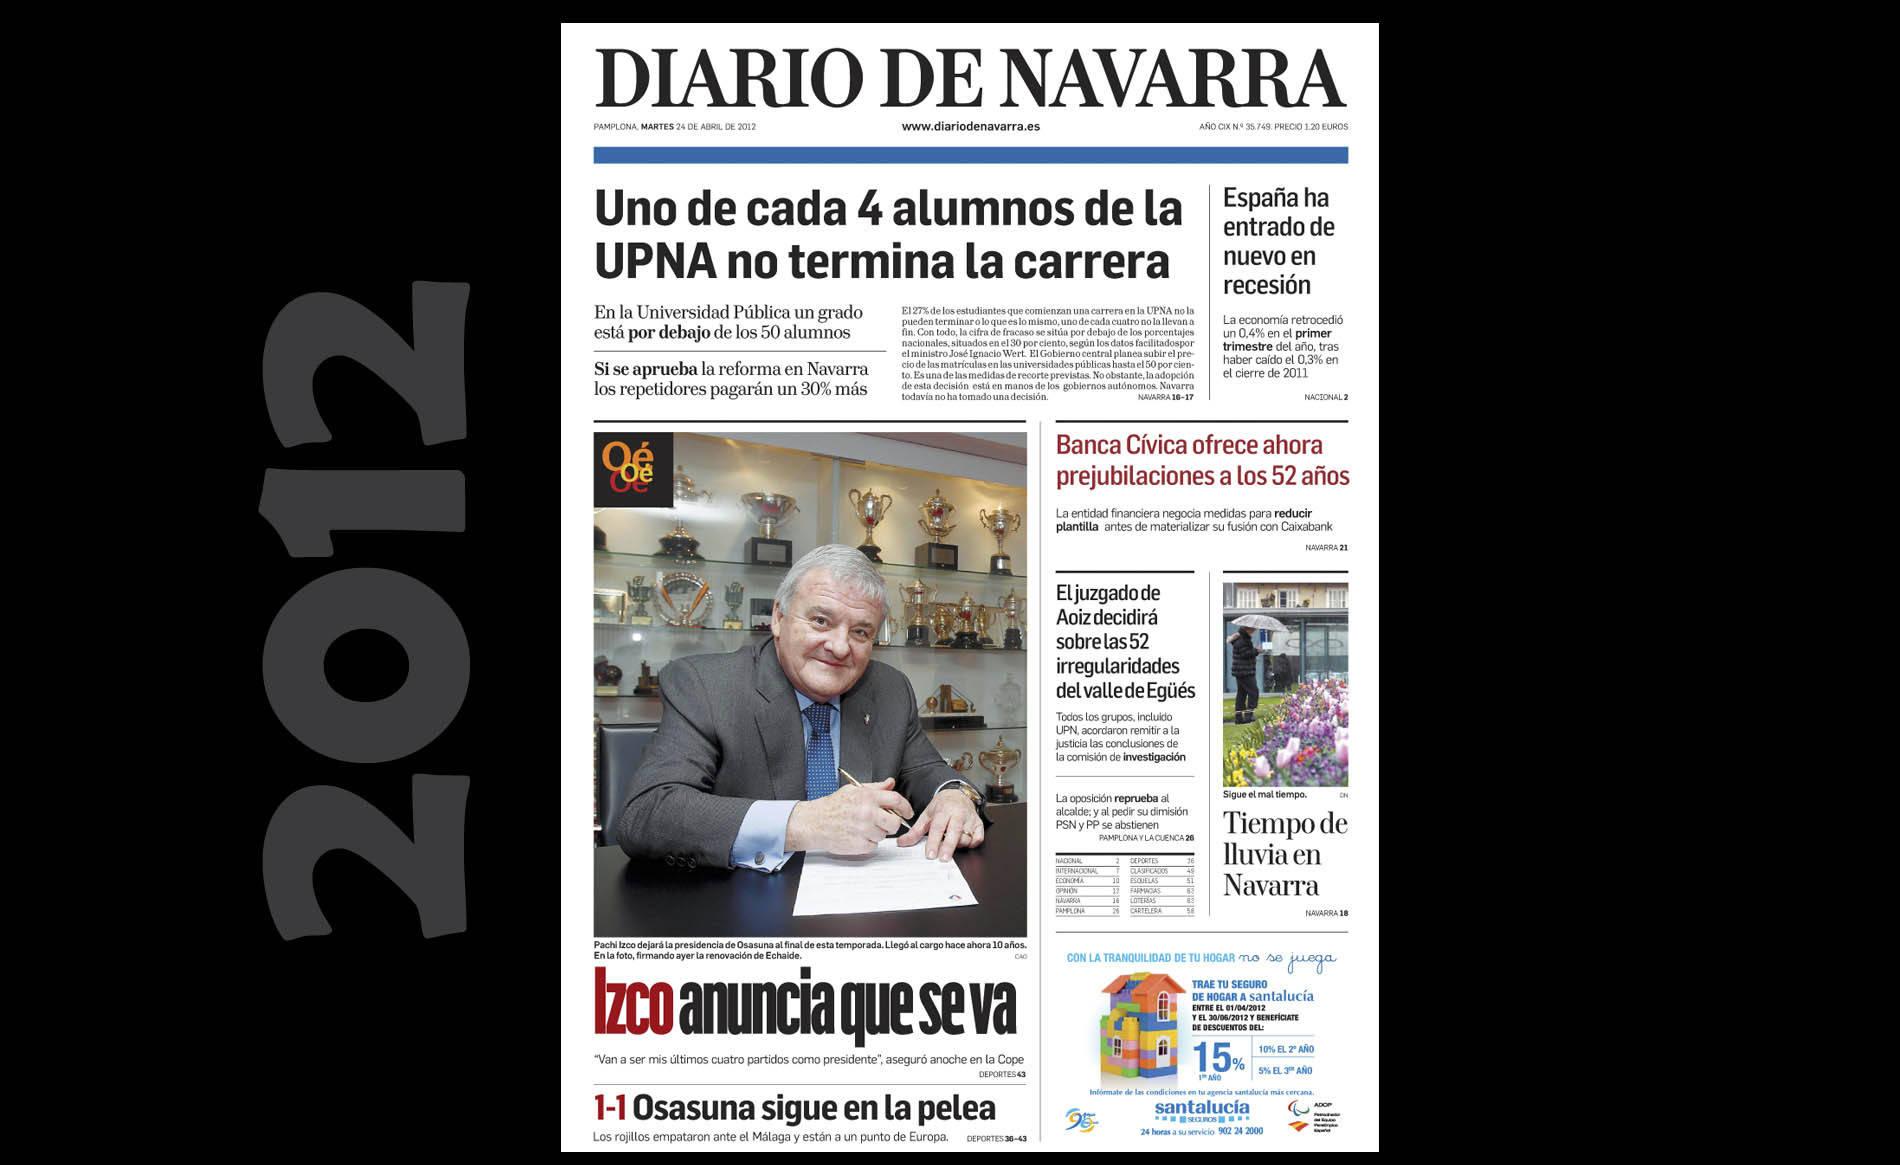 Hemeroteca visual del 23 de abril (1/12) - Las imágenes del día de hace 5, 10 y 20 años. - Navarra -